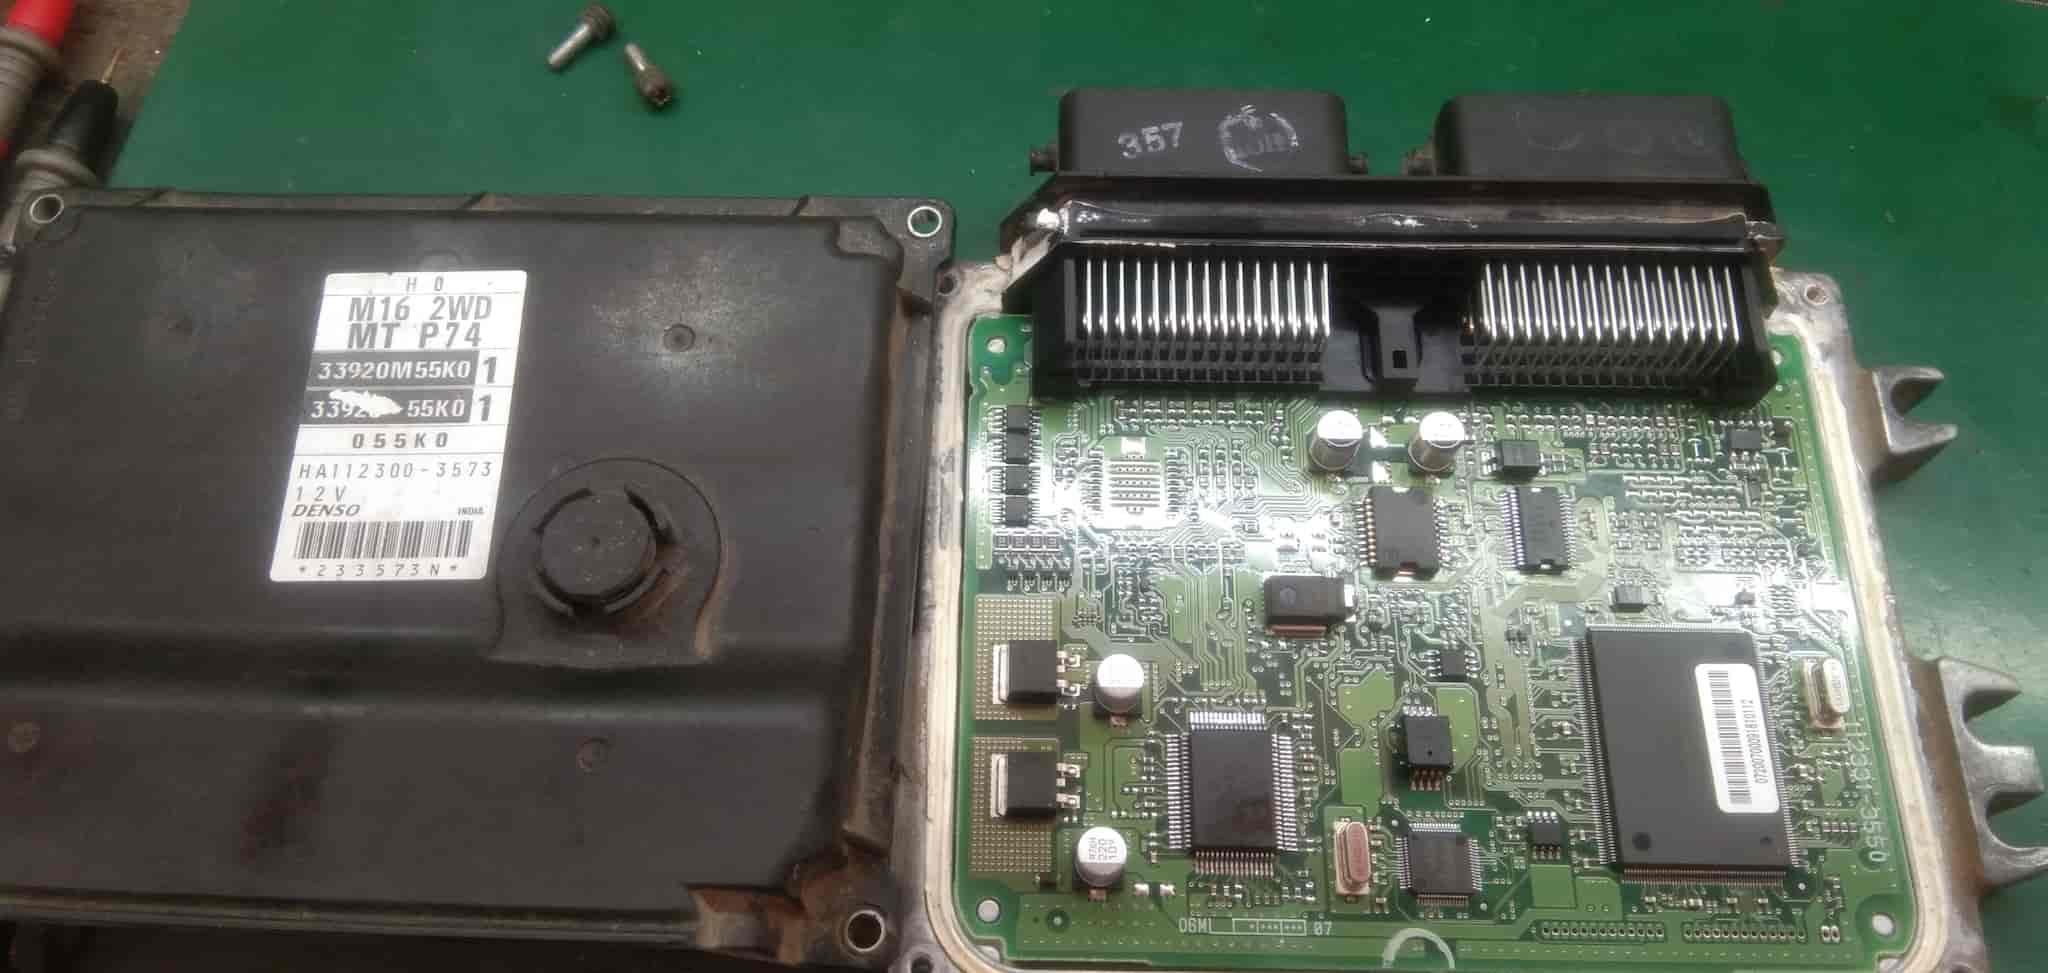 Ecm Repair Automotive Electronics, Dilshad Garden - Ecm